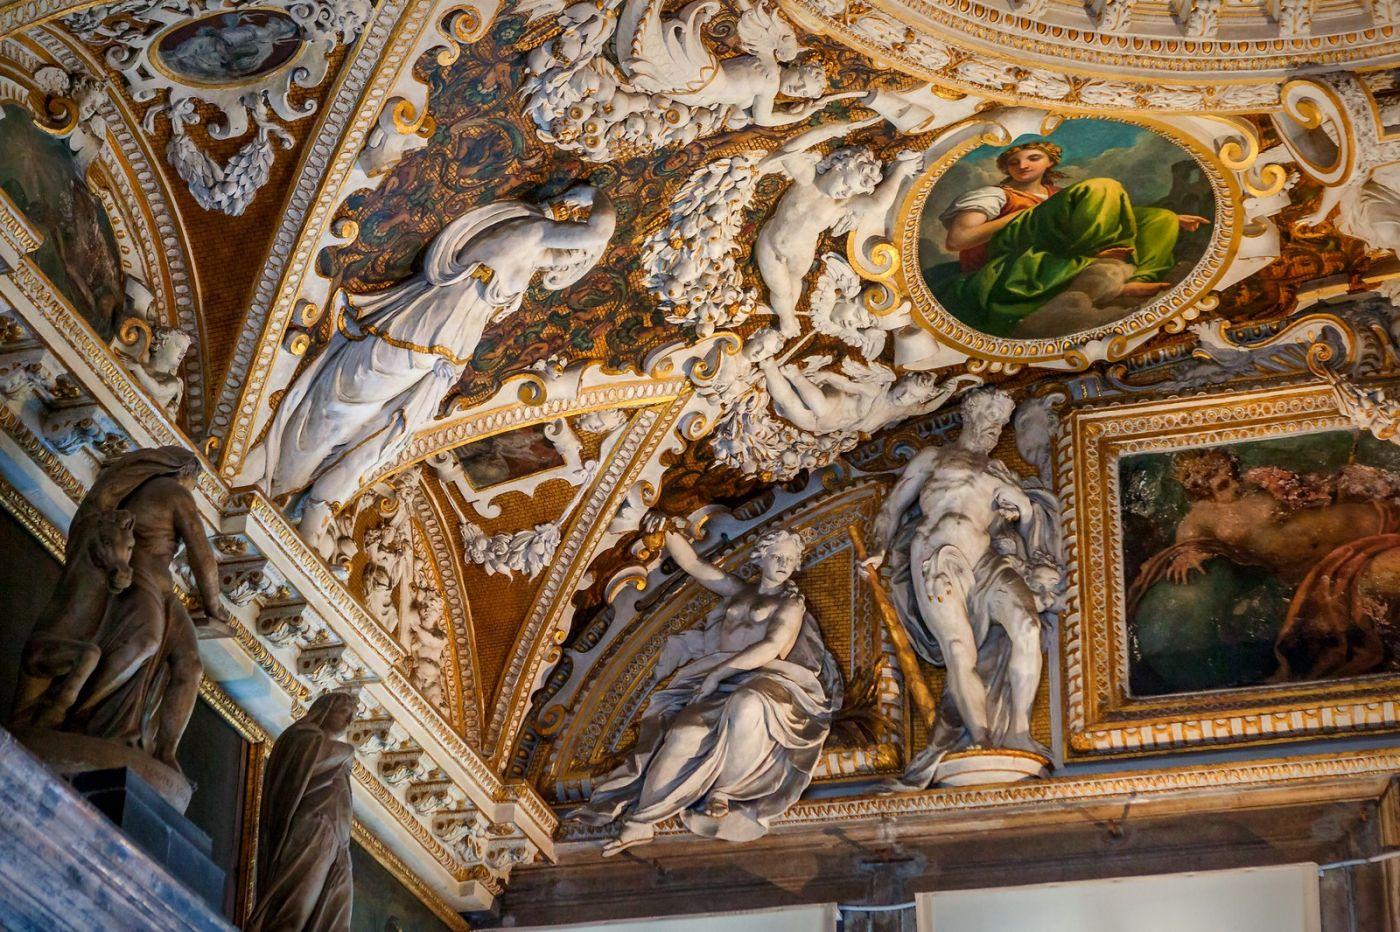 威尼斯圣马可大教堂(St Mark's Basilica), 精雕细琢的顶设_图1-26